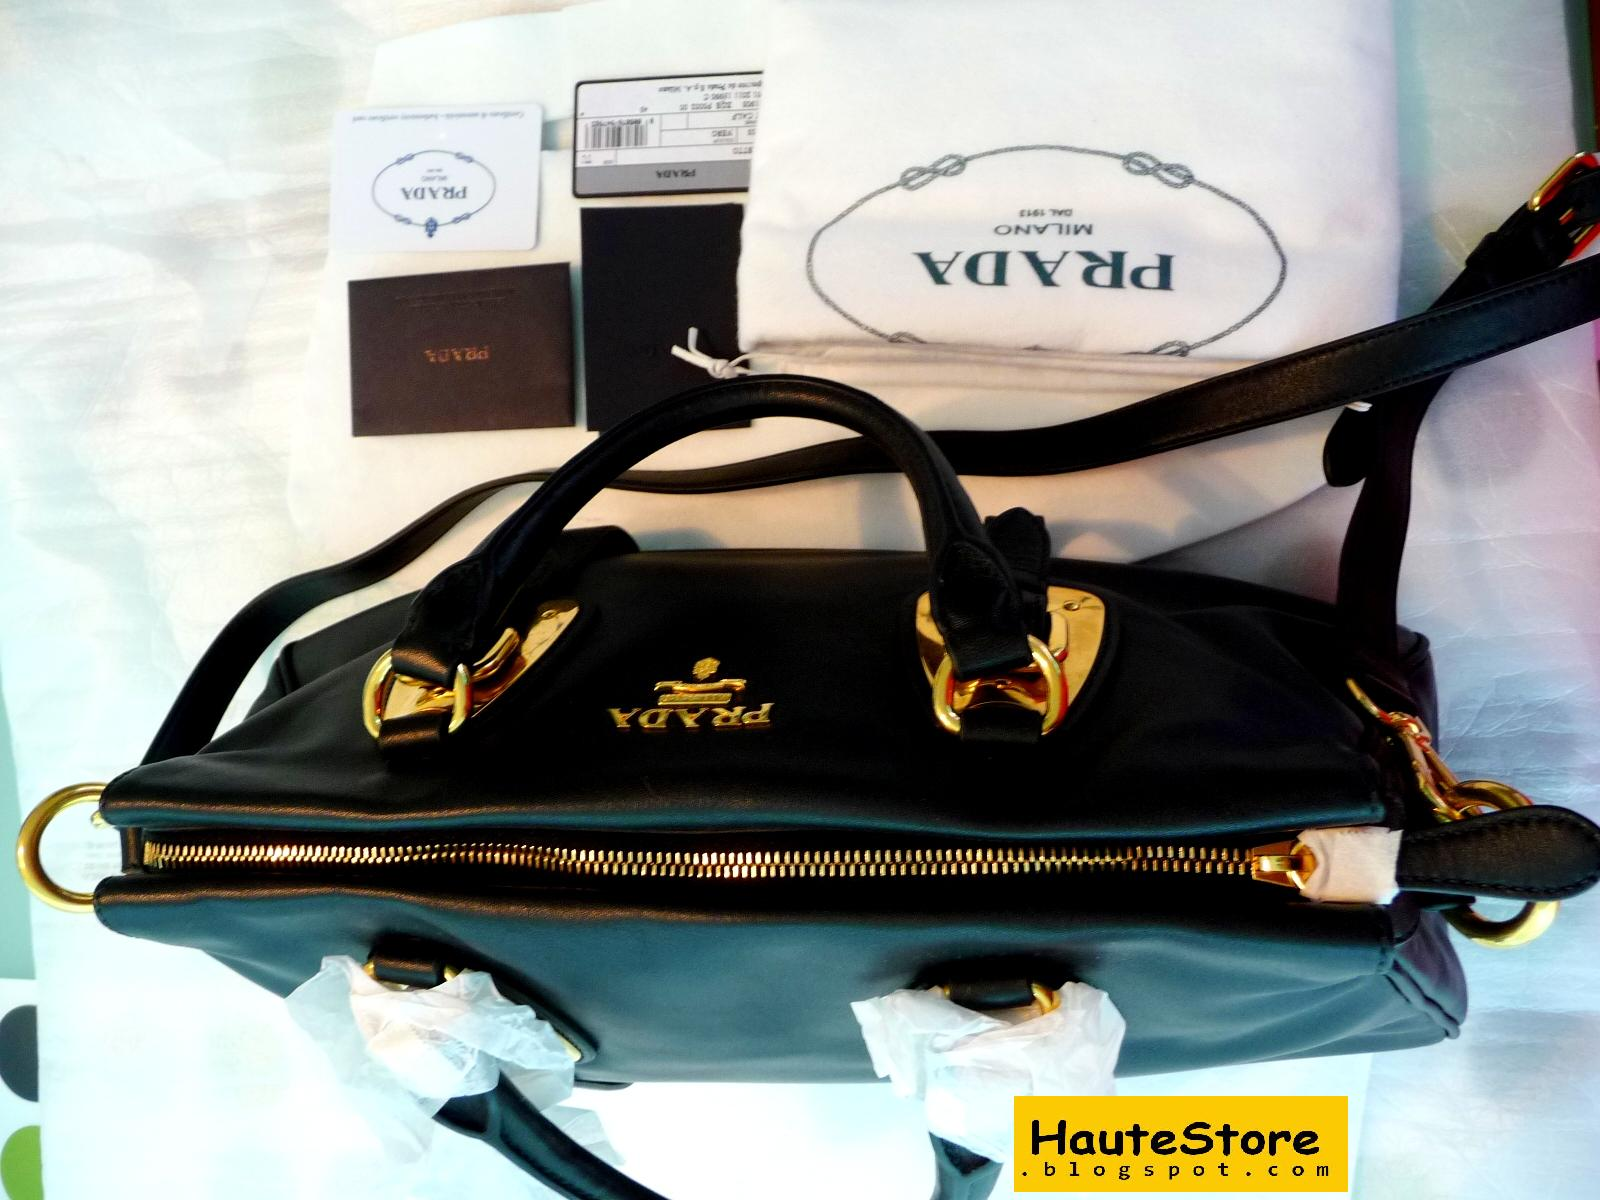 3922f06062ed1a HauteStore: Prada Bauletto BN1903 Full Soft Calf leather (Black/Nero)